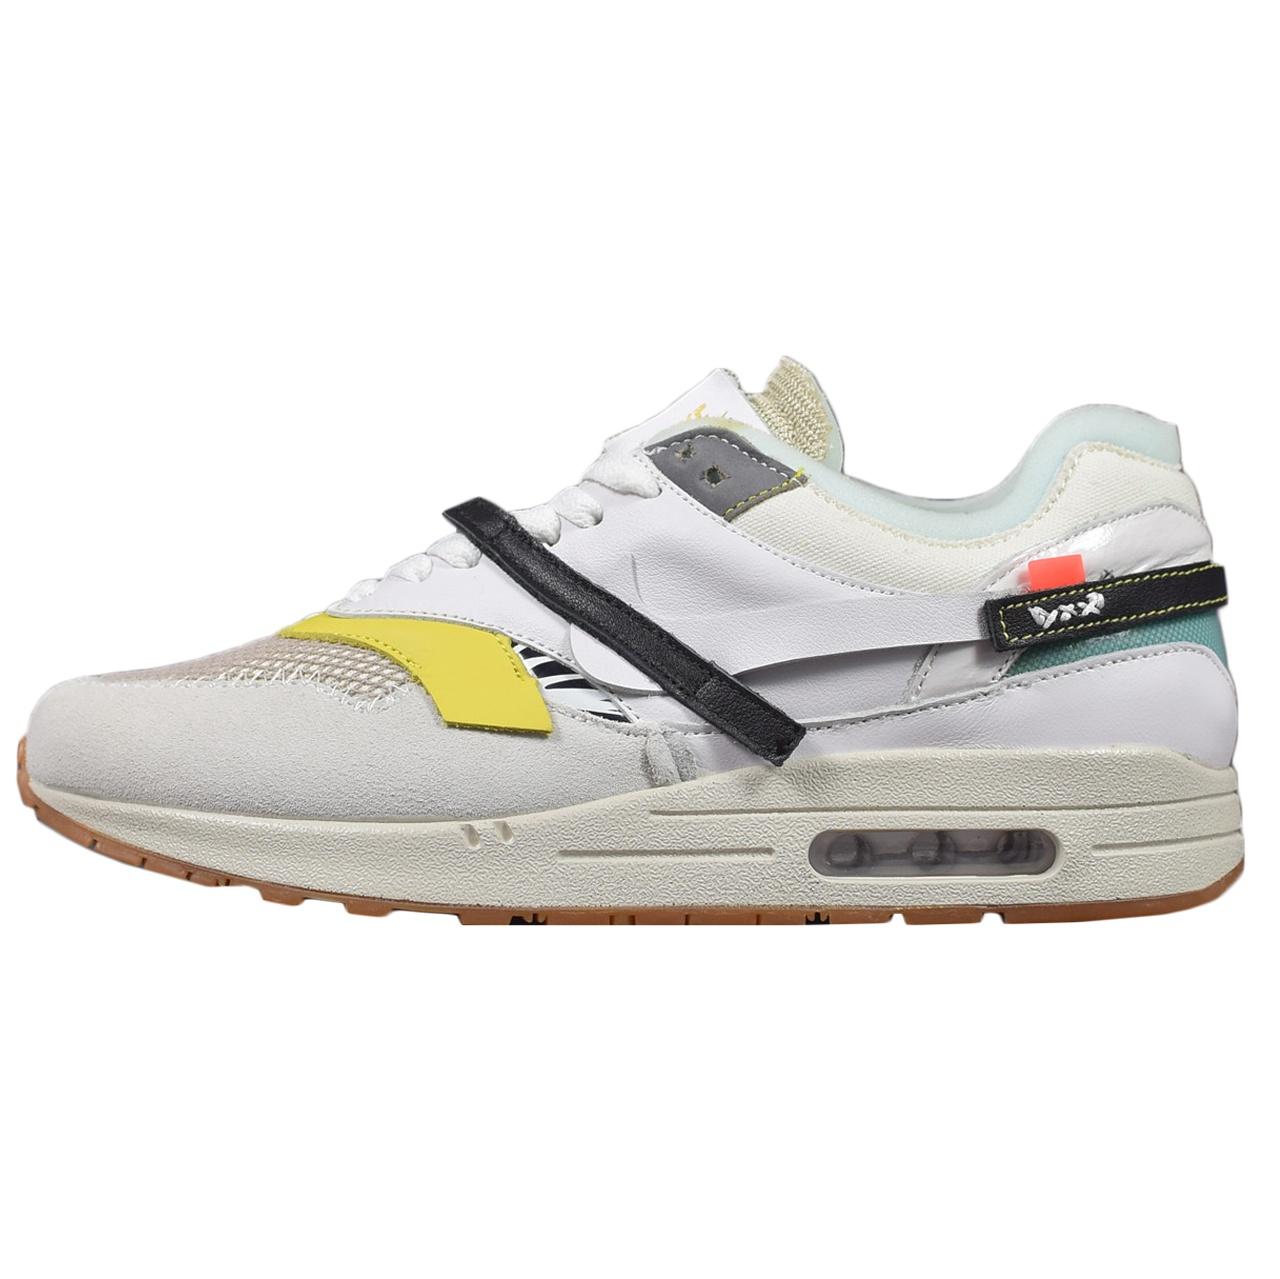 کفش مخصوص  پیاده روی مردانه نایکی مدل Air Max 87 OG Off             , خرید اینترنتی